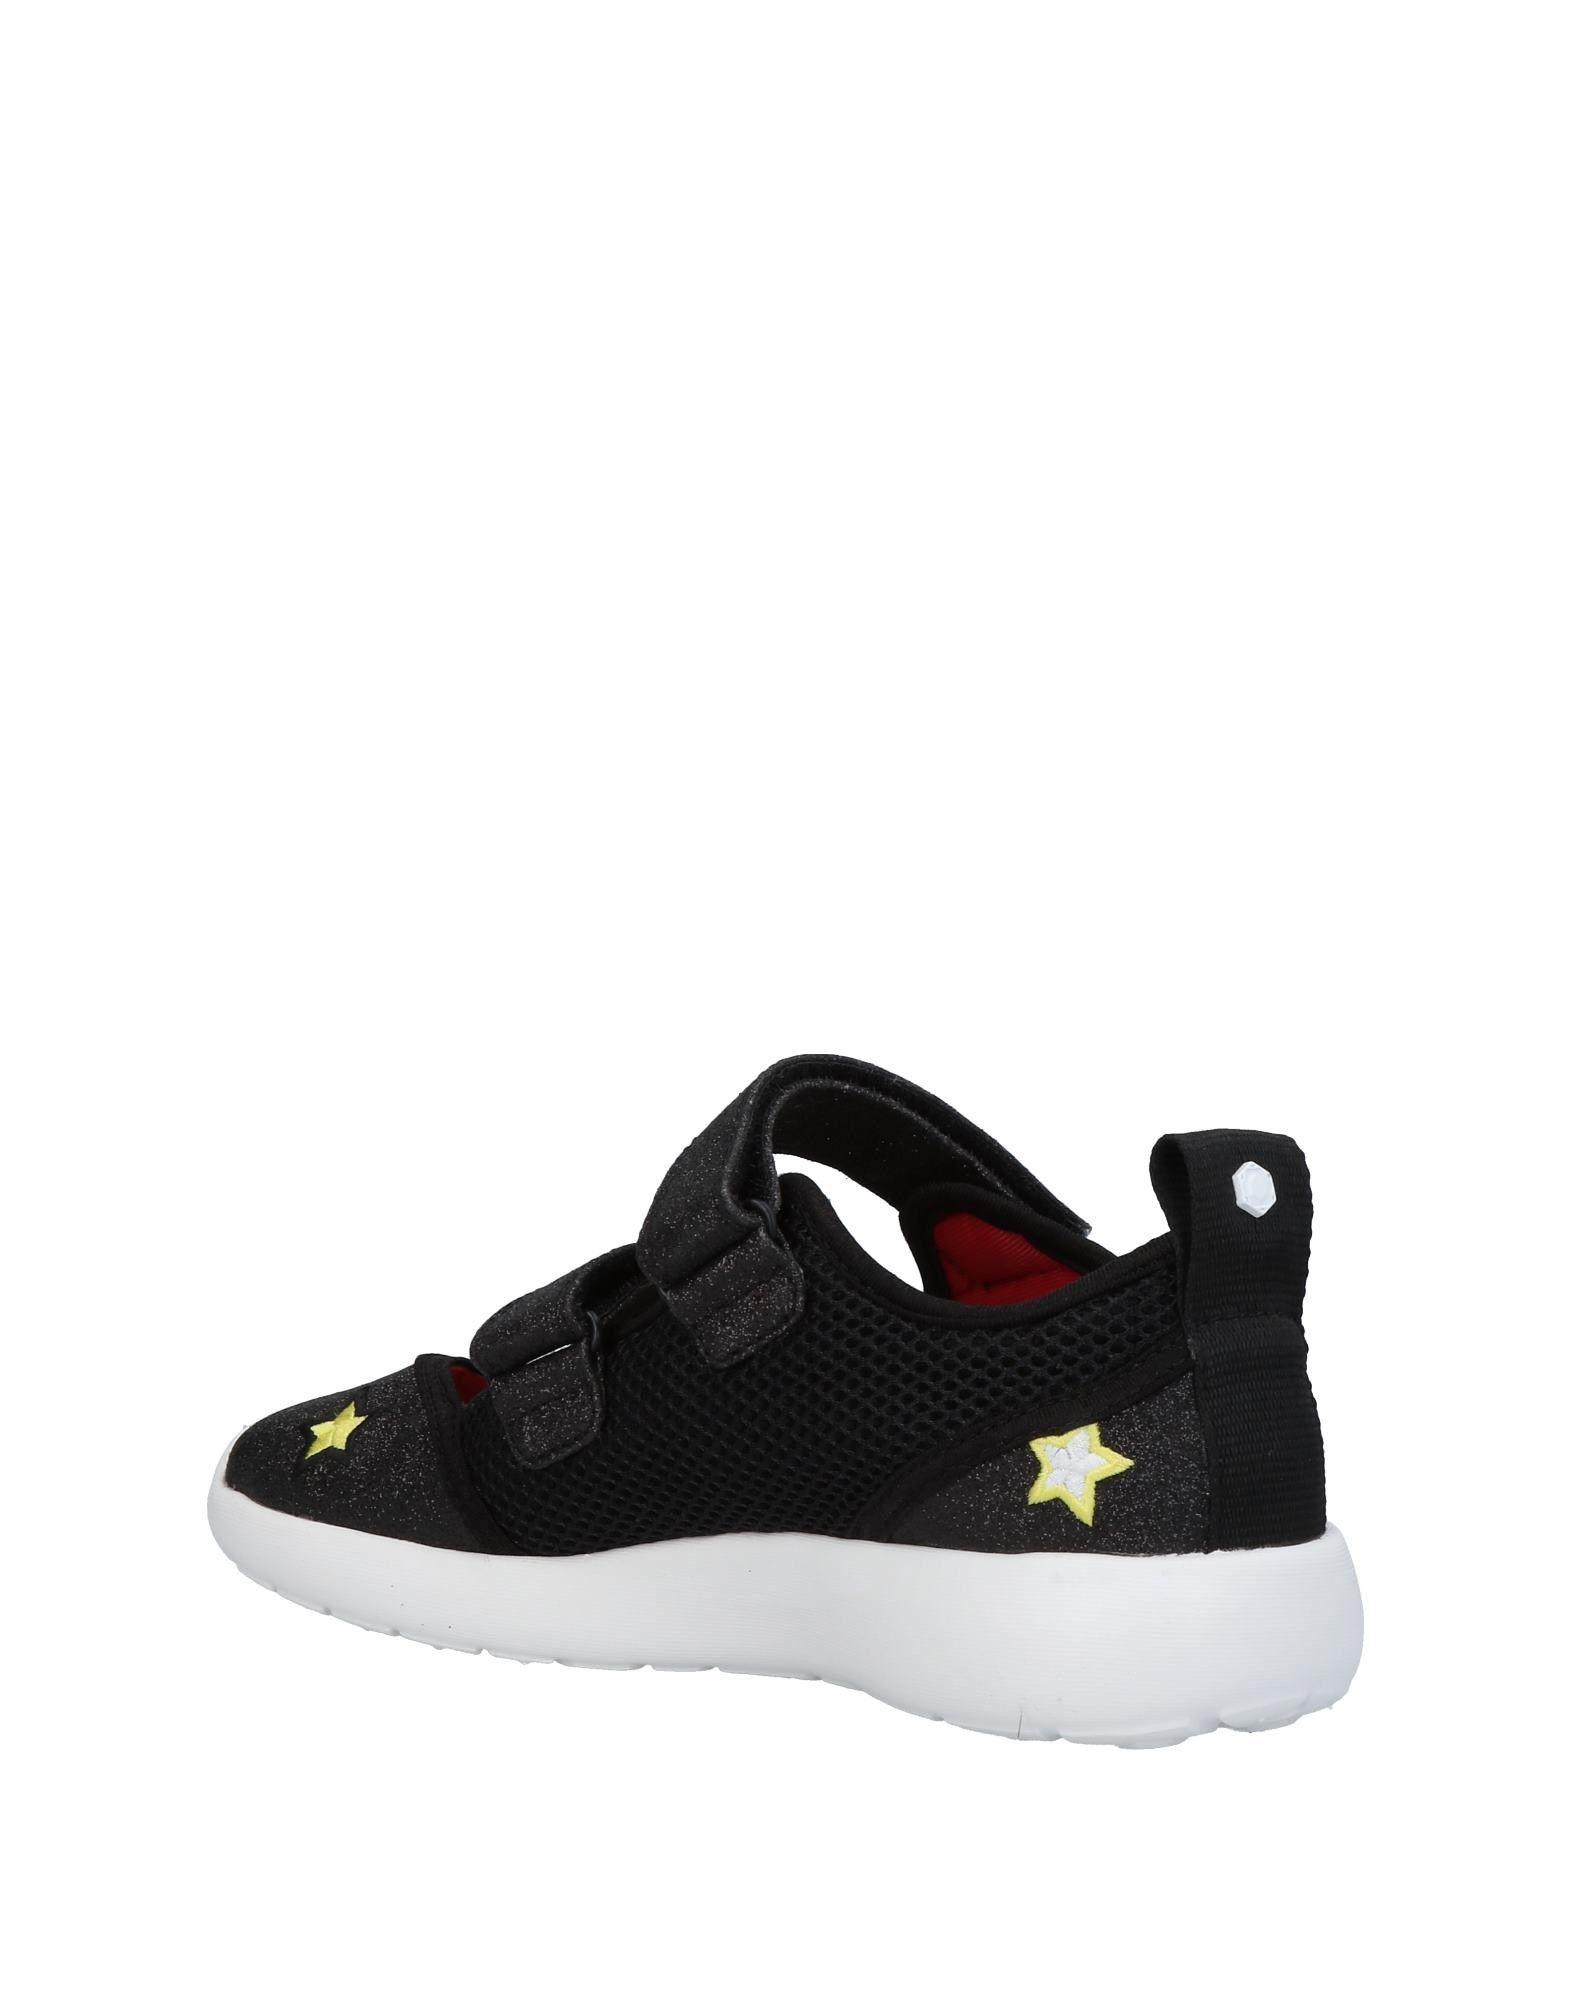 Moa Master Of Arts Sneakers Damen  11430997SP Gute Qualität beliebte Schuhe